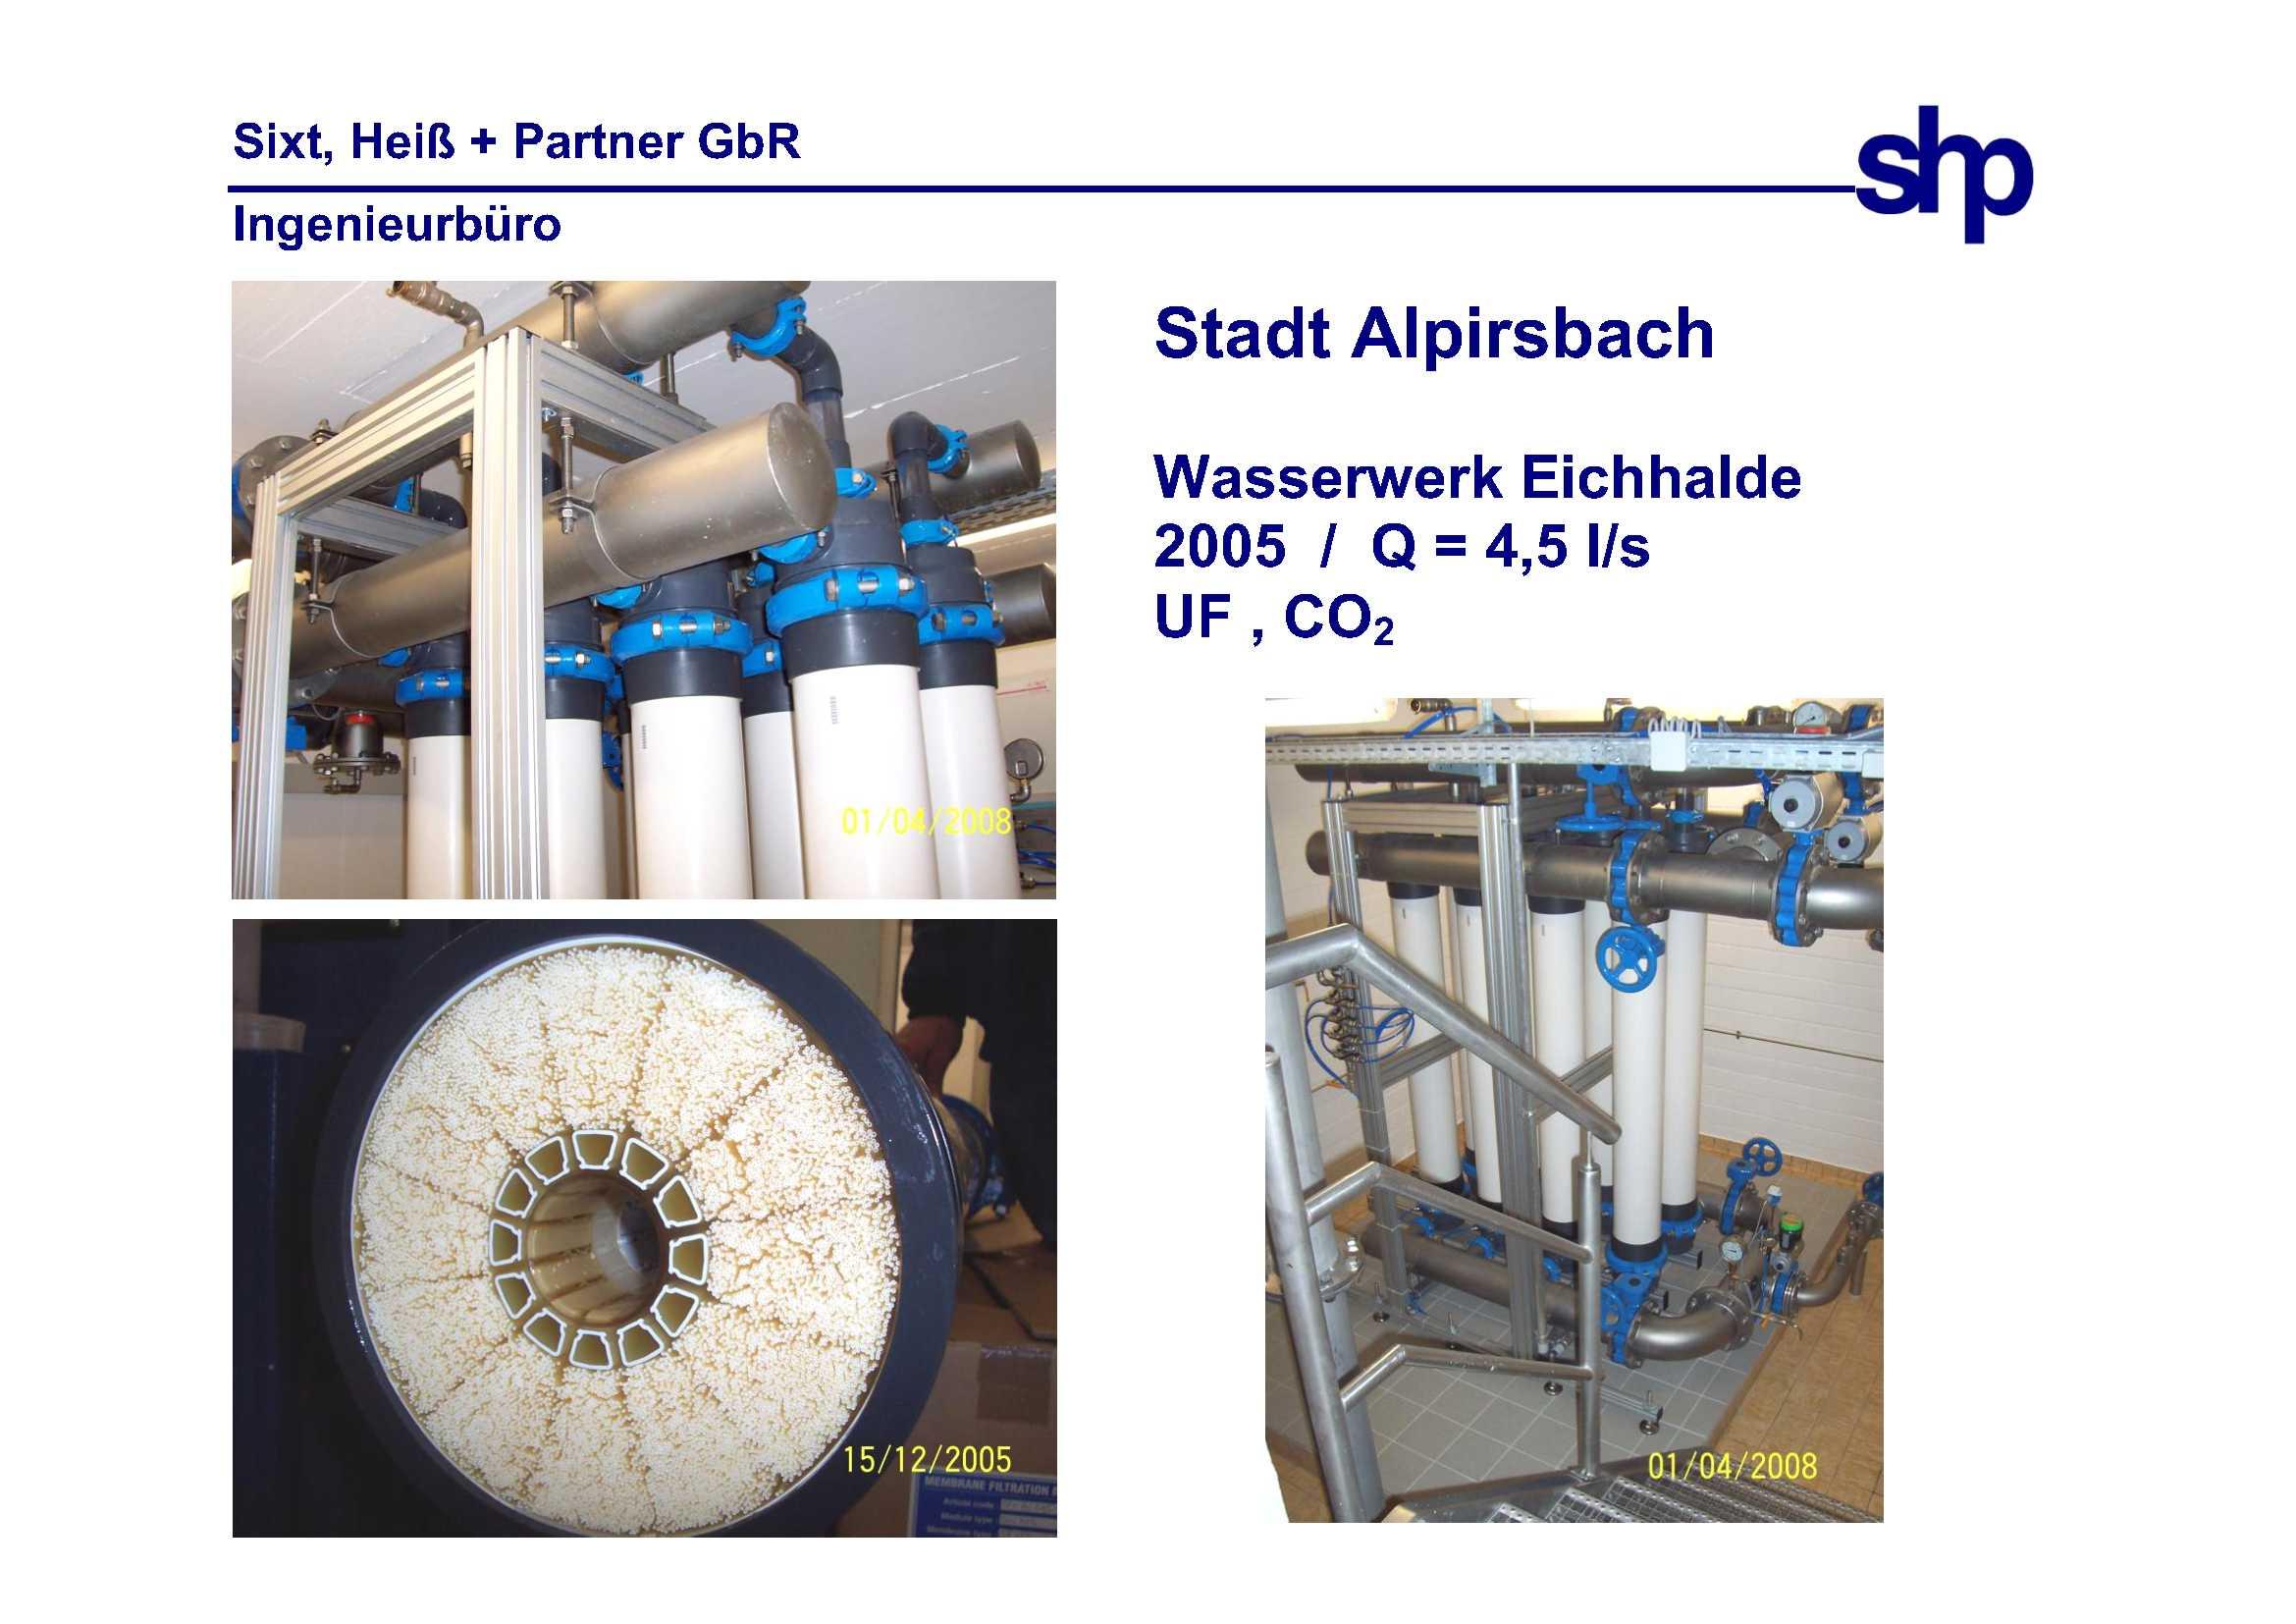 anlagensteckbrief-alpirsbach-ww-eichhalde